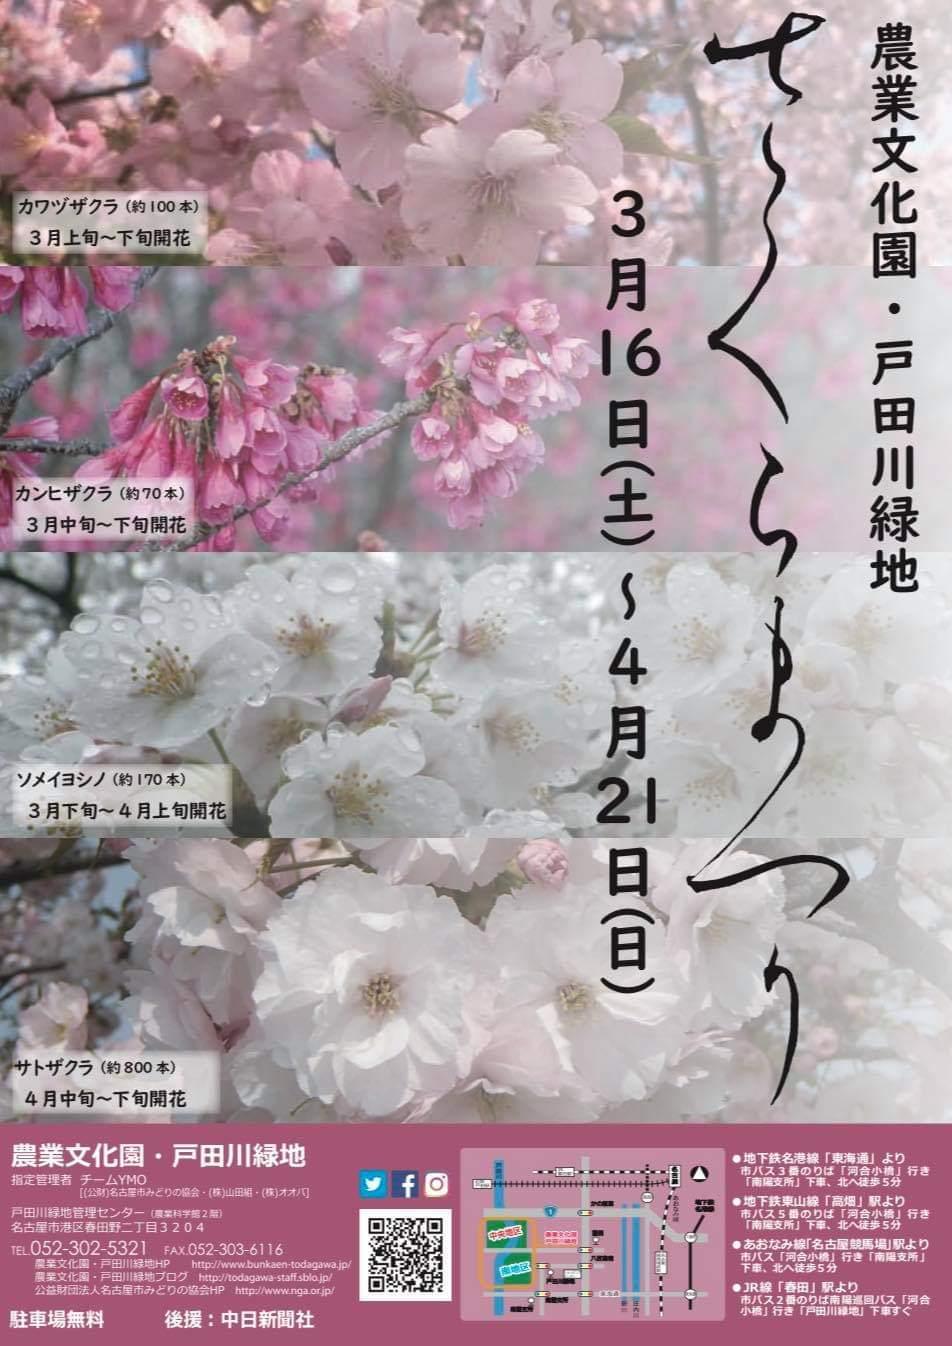 戸田川緑地 さくらまつり出演、ありがとうございました!_f0373339_13254981.jpeg